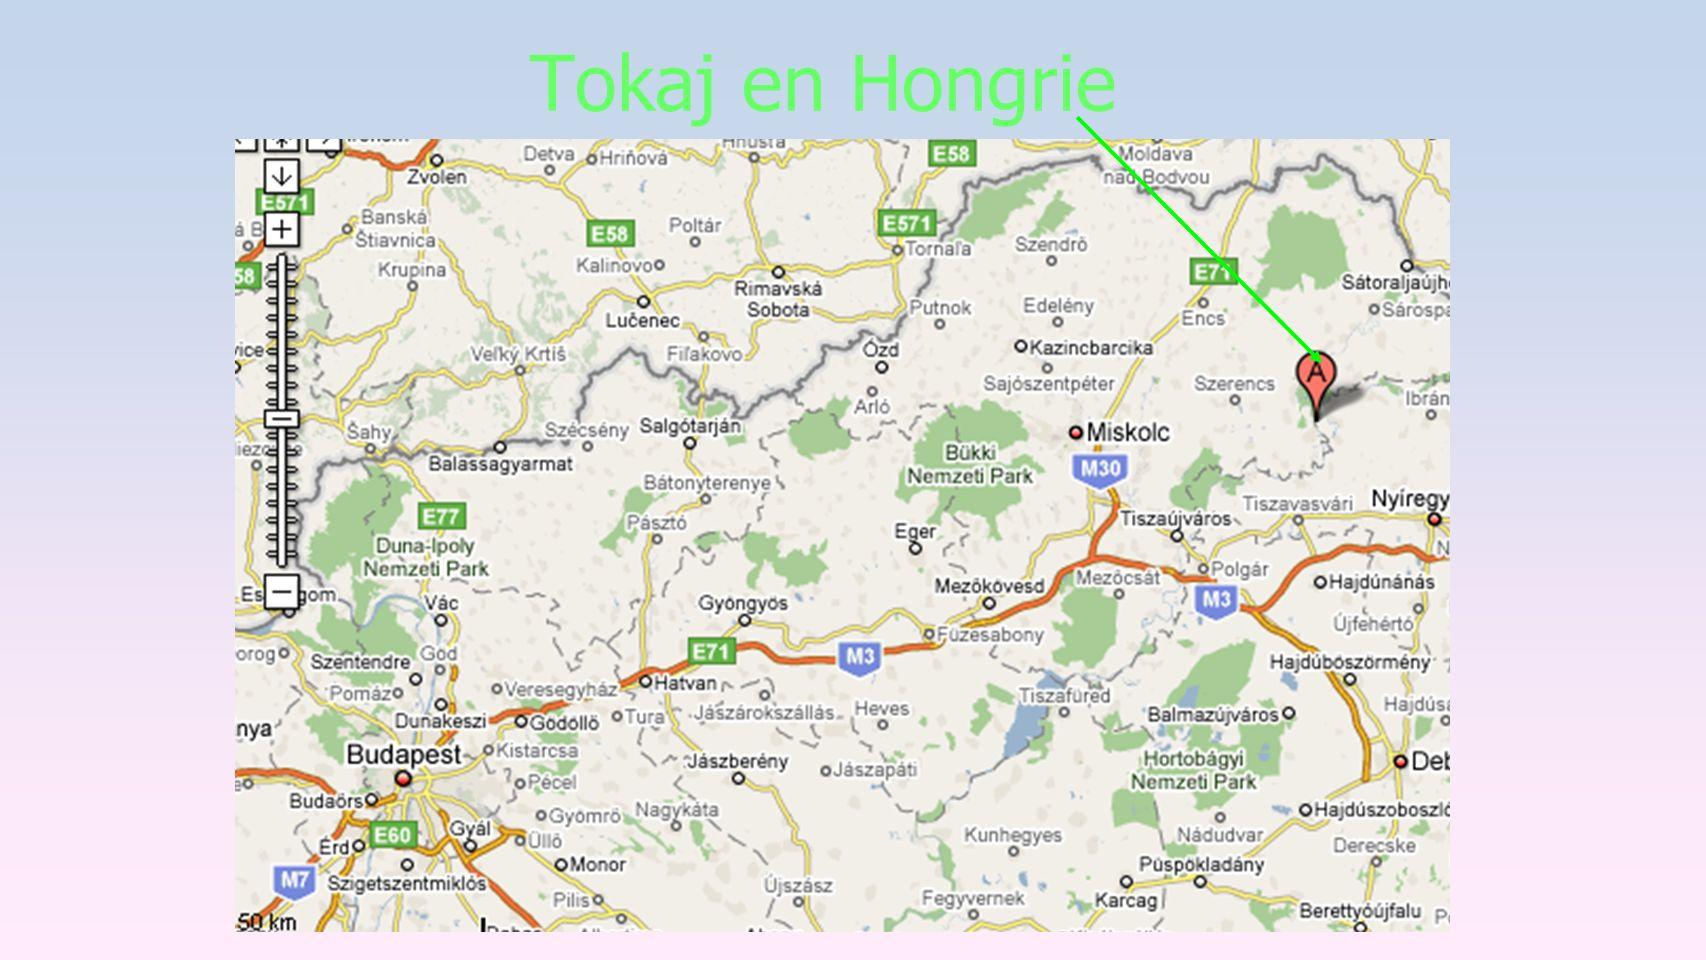 Tokaj en Hongrie